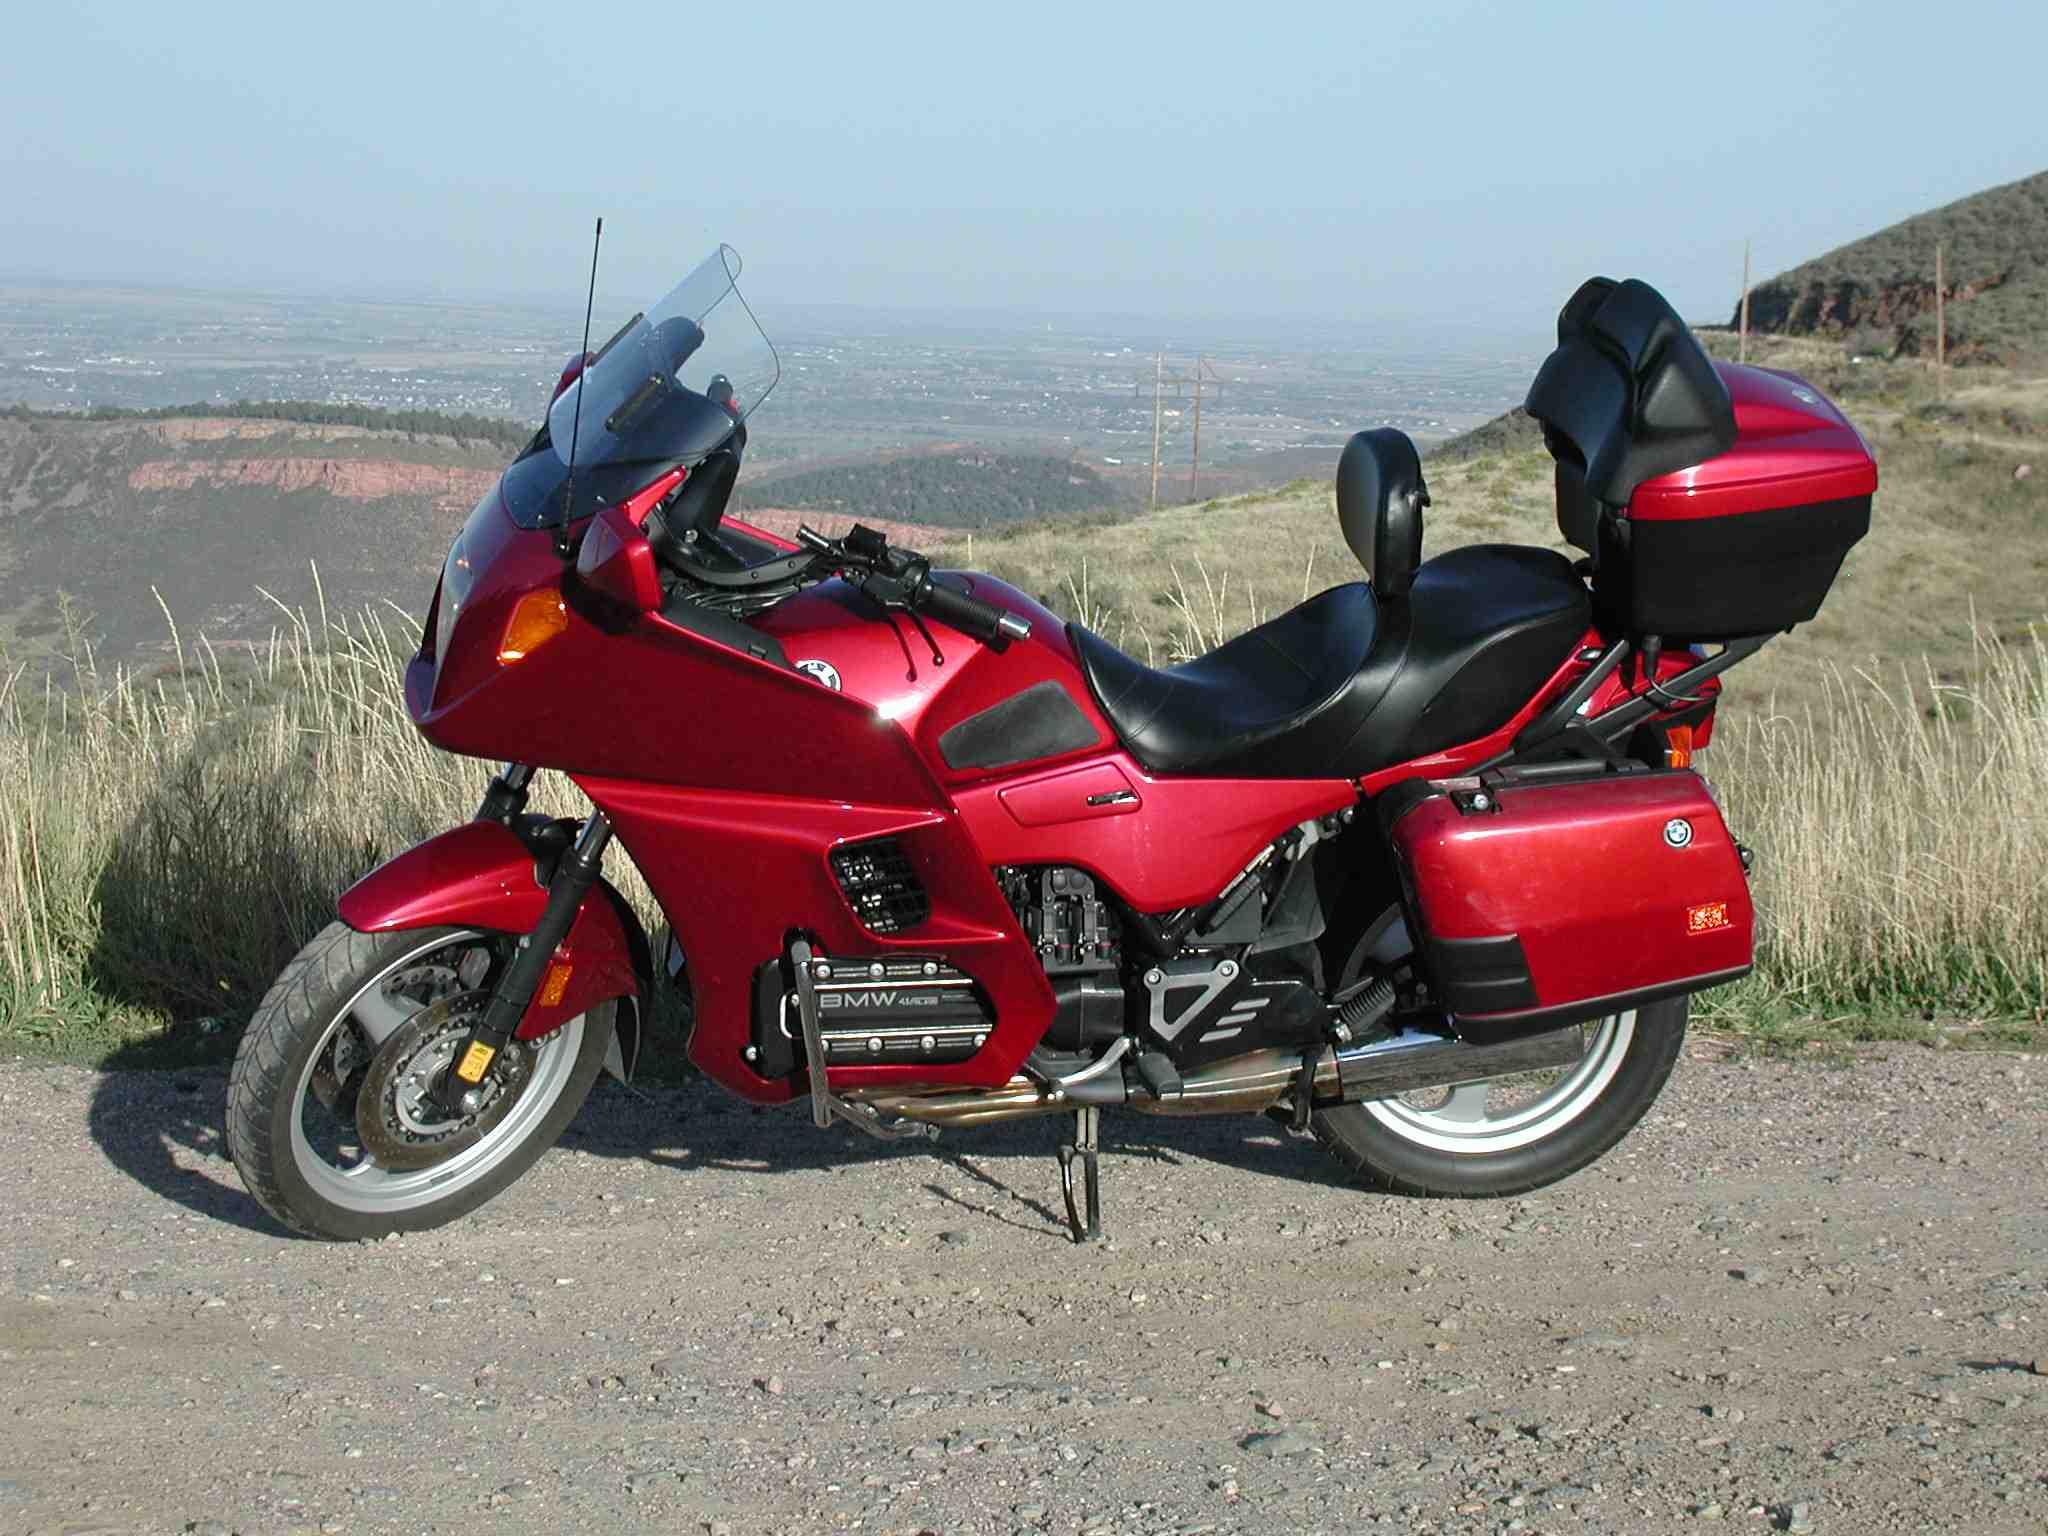 1991 1998 bmw k1100lt 1991 1996 k1100rs motorcycle. Black Bedroom Furniture Sets. Home Design Ideas